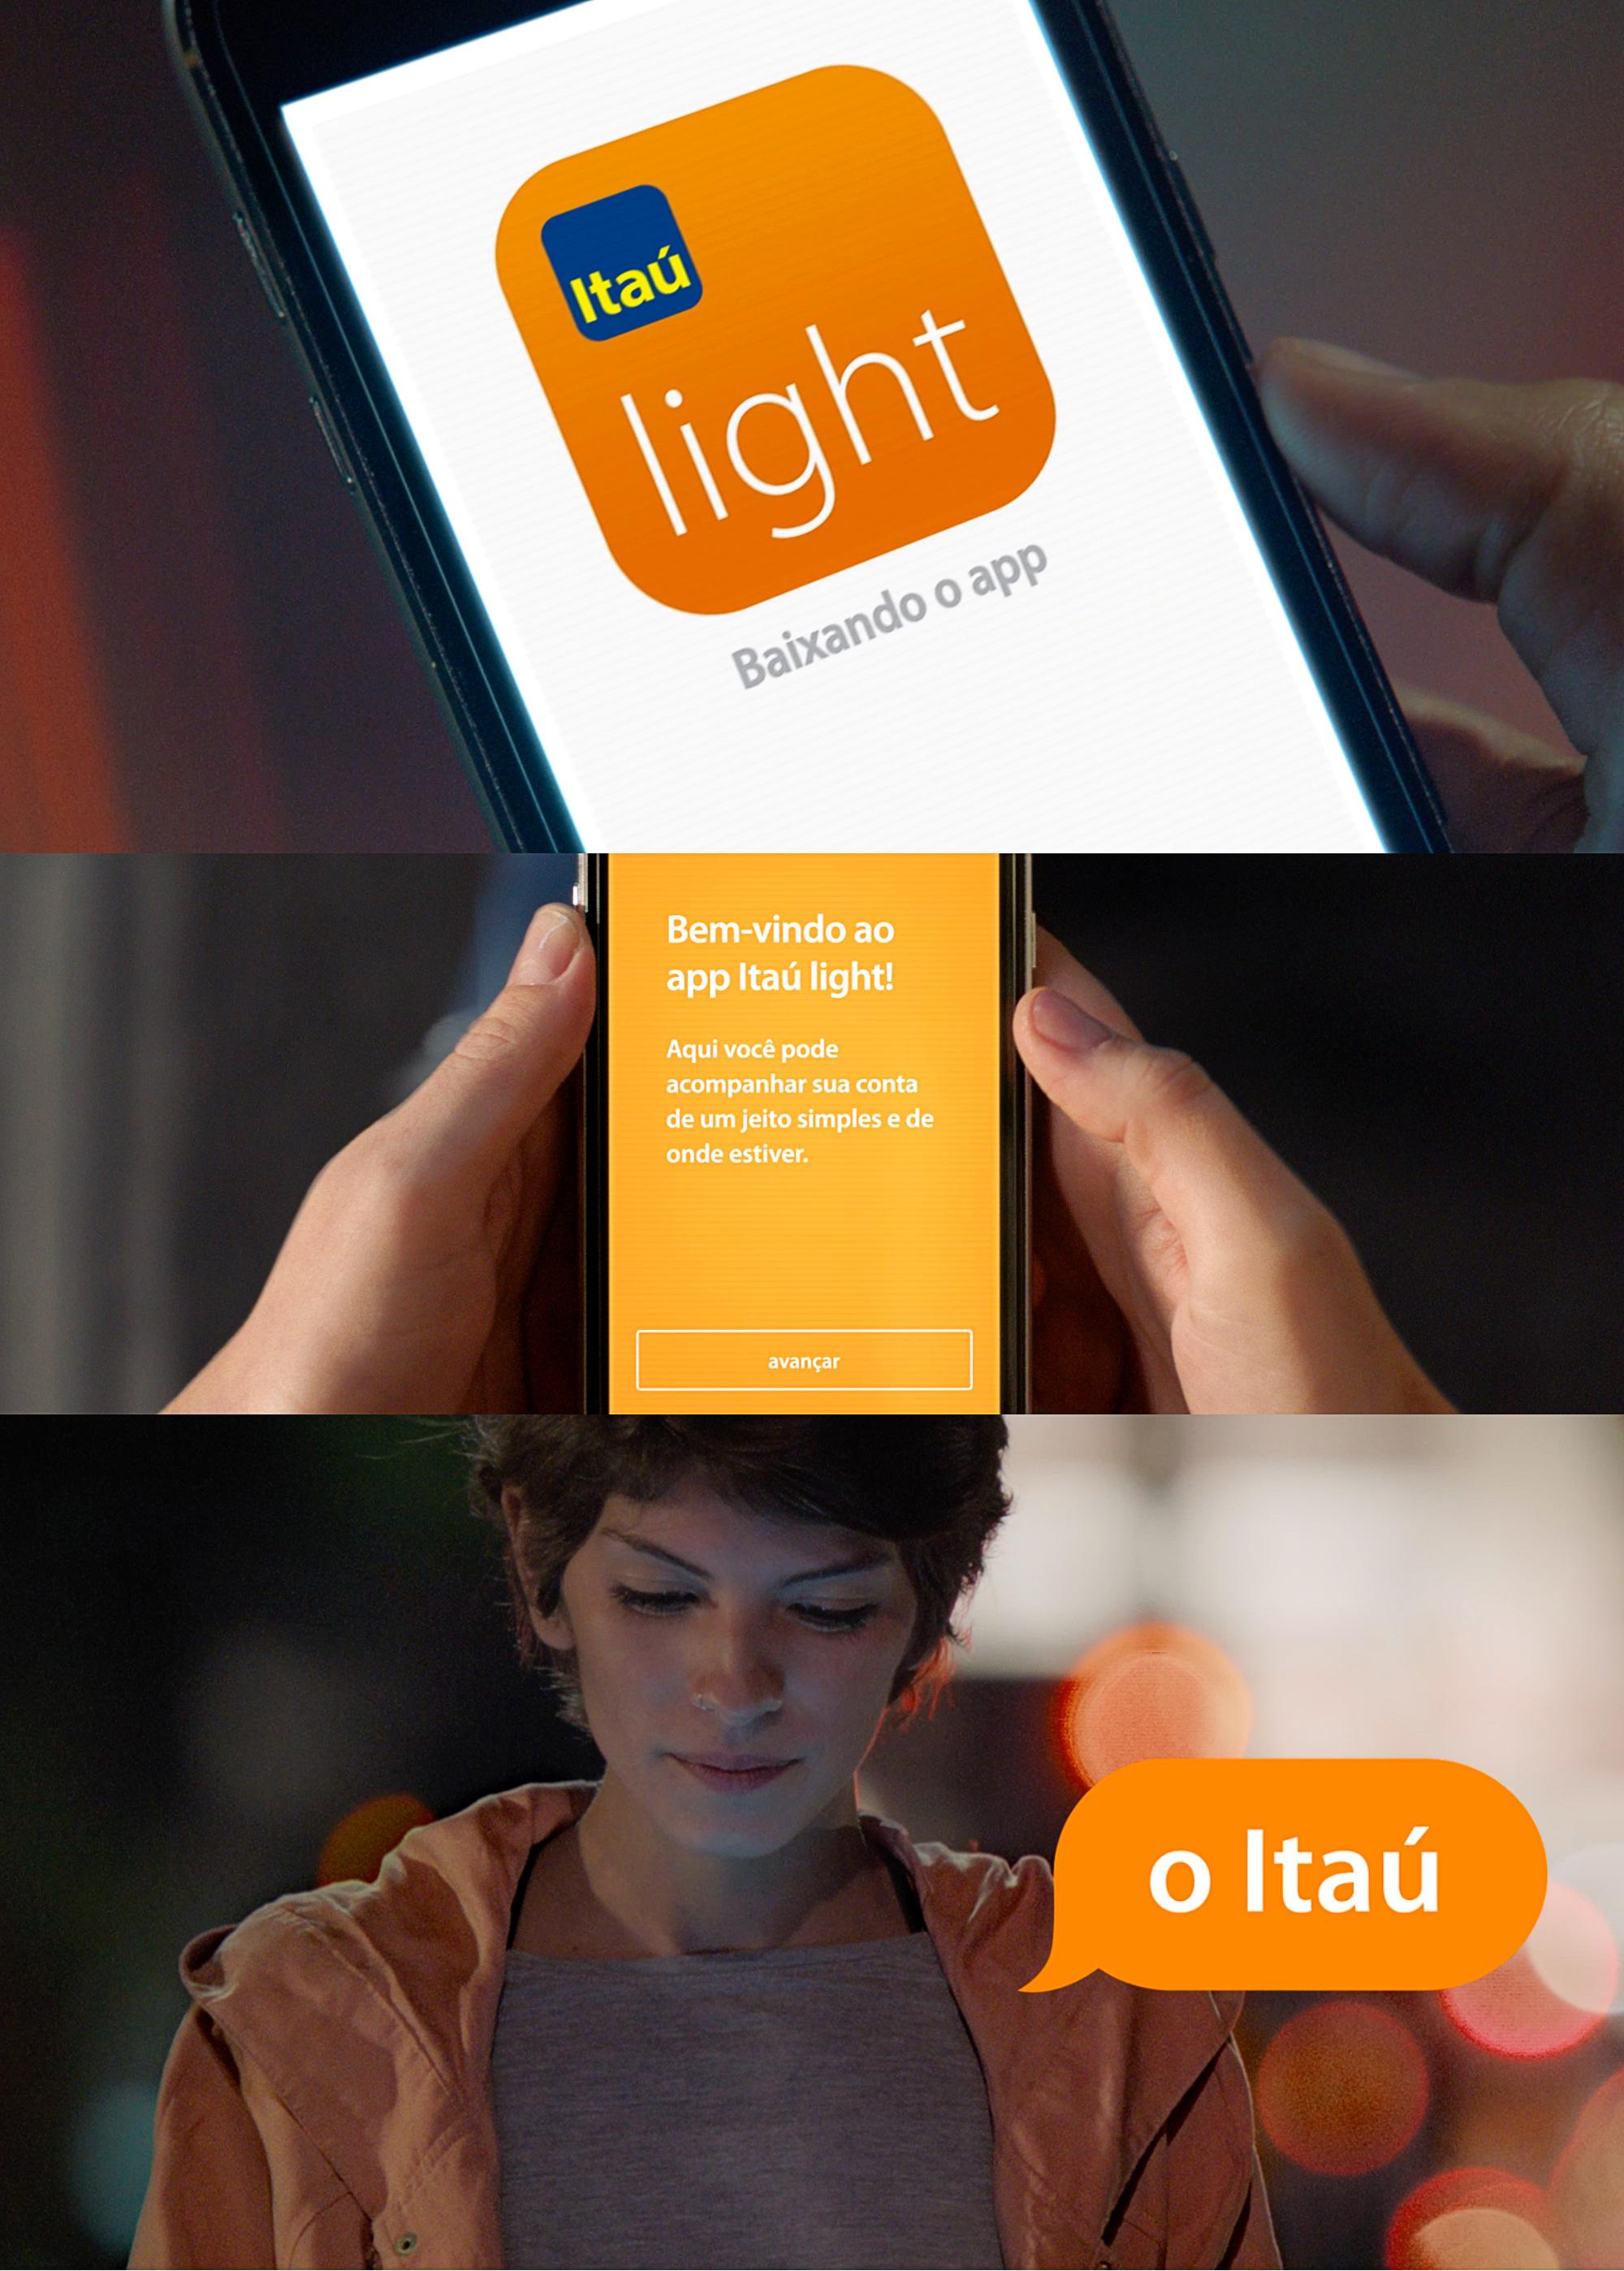 images-itau